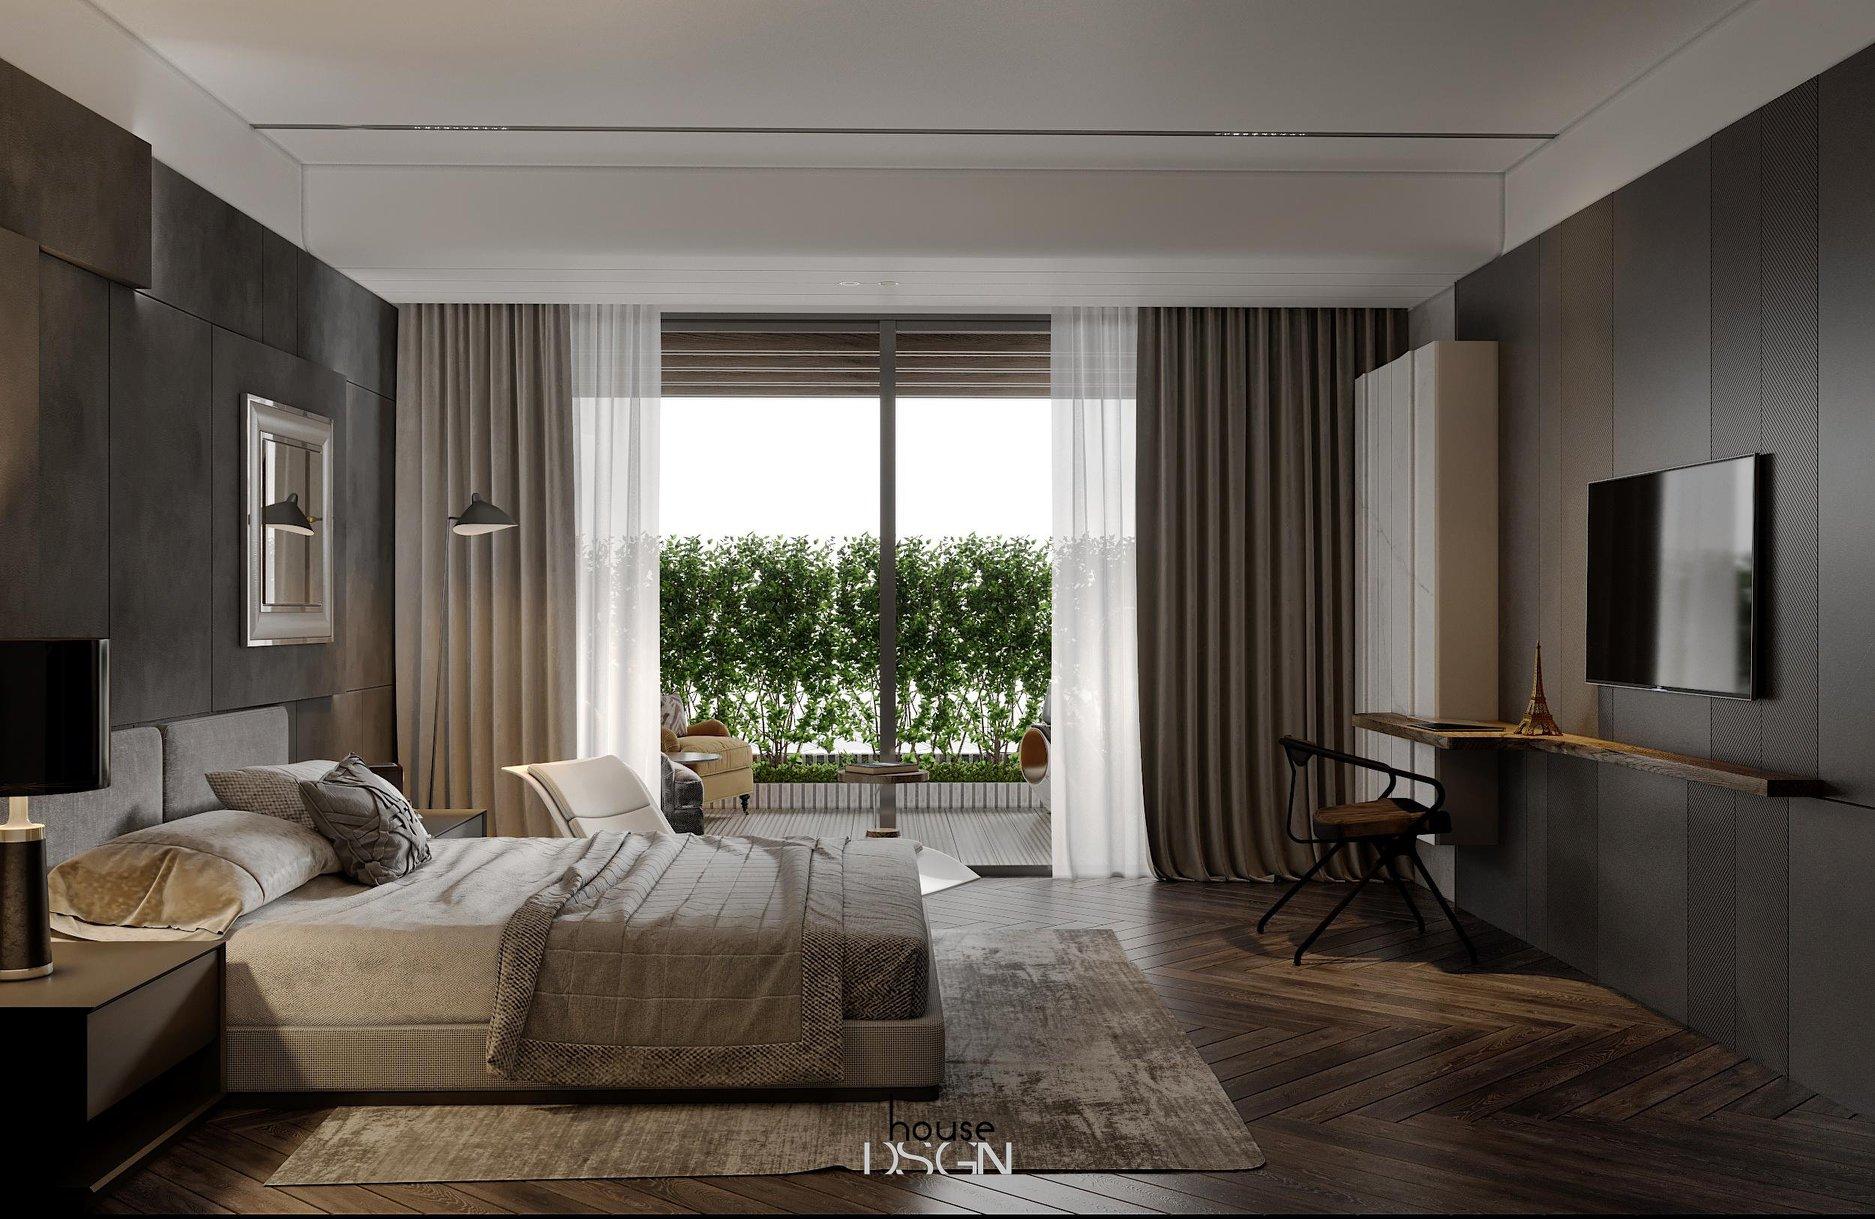 thiết kế nội thất khách sạn 2 sao mini - Housedsign